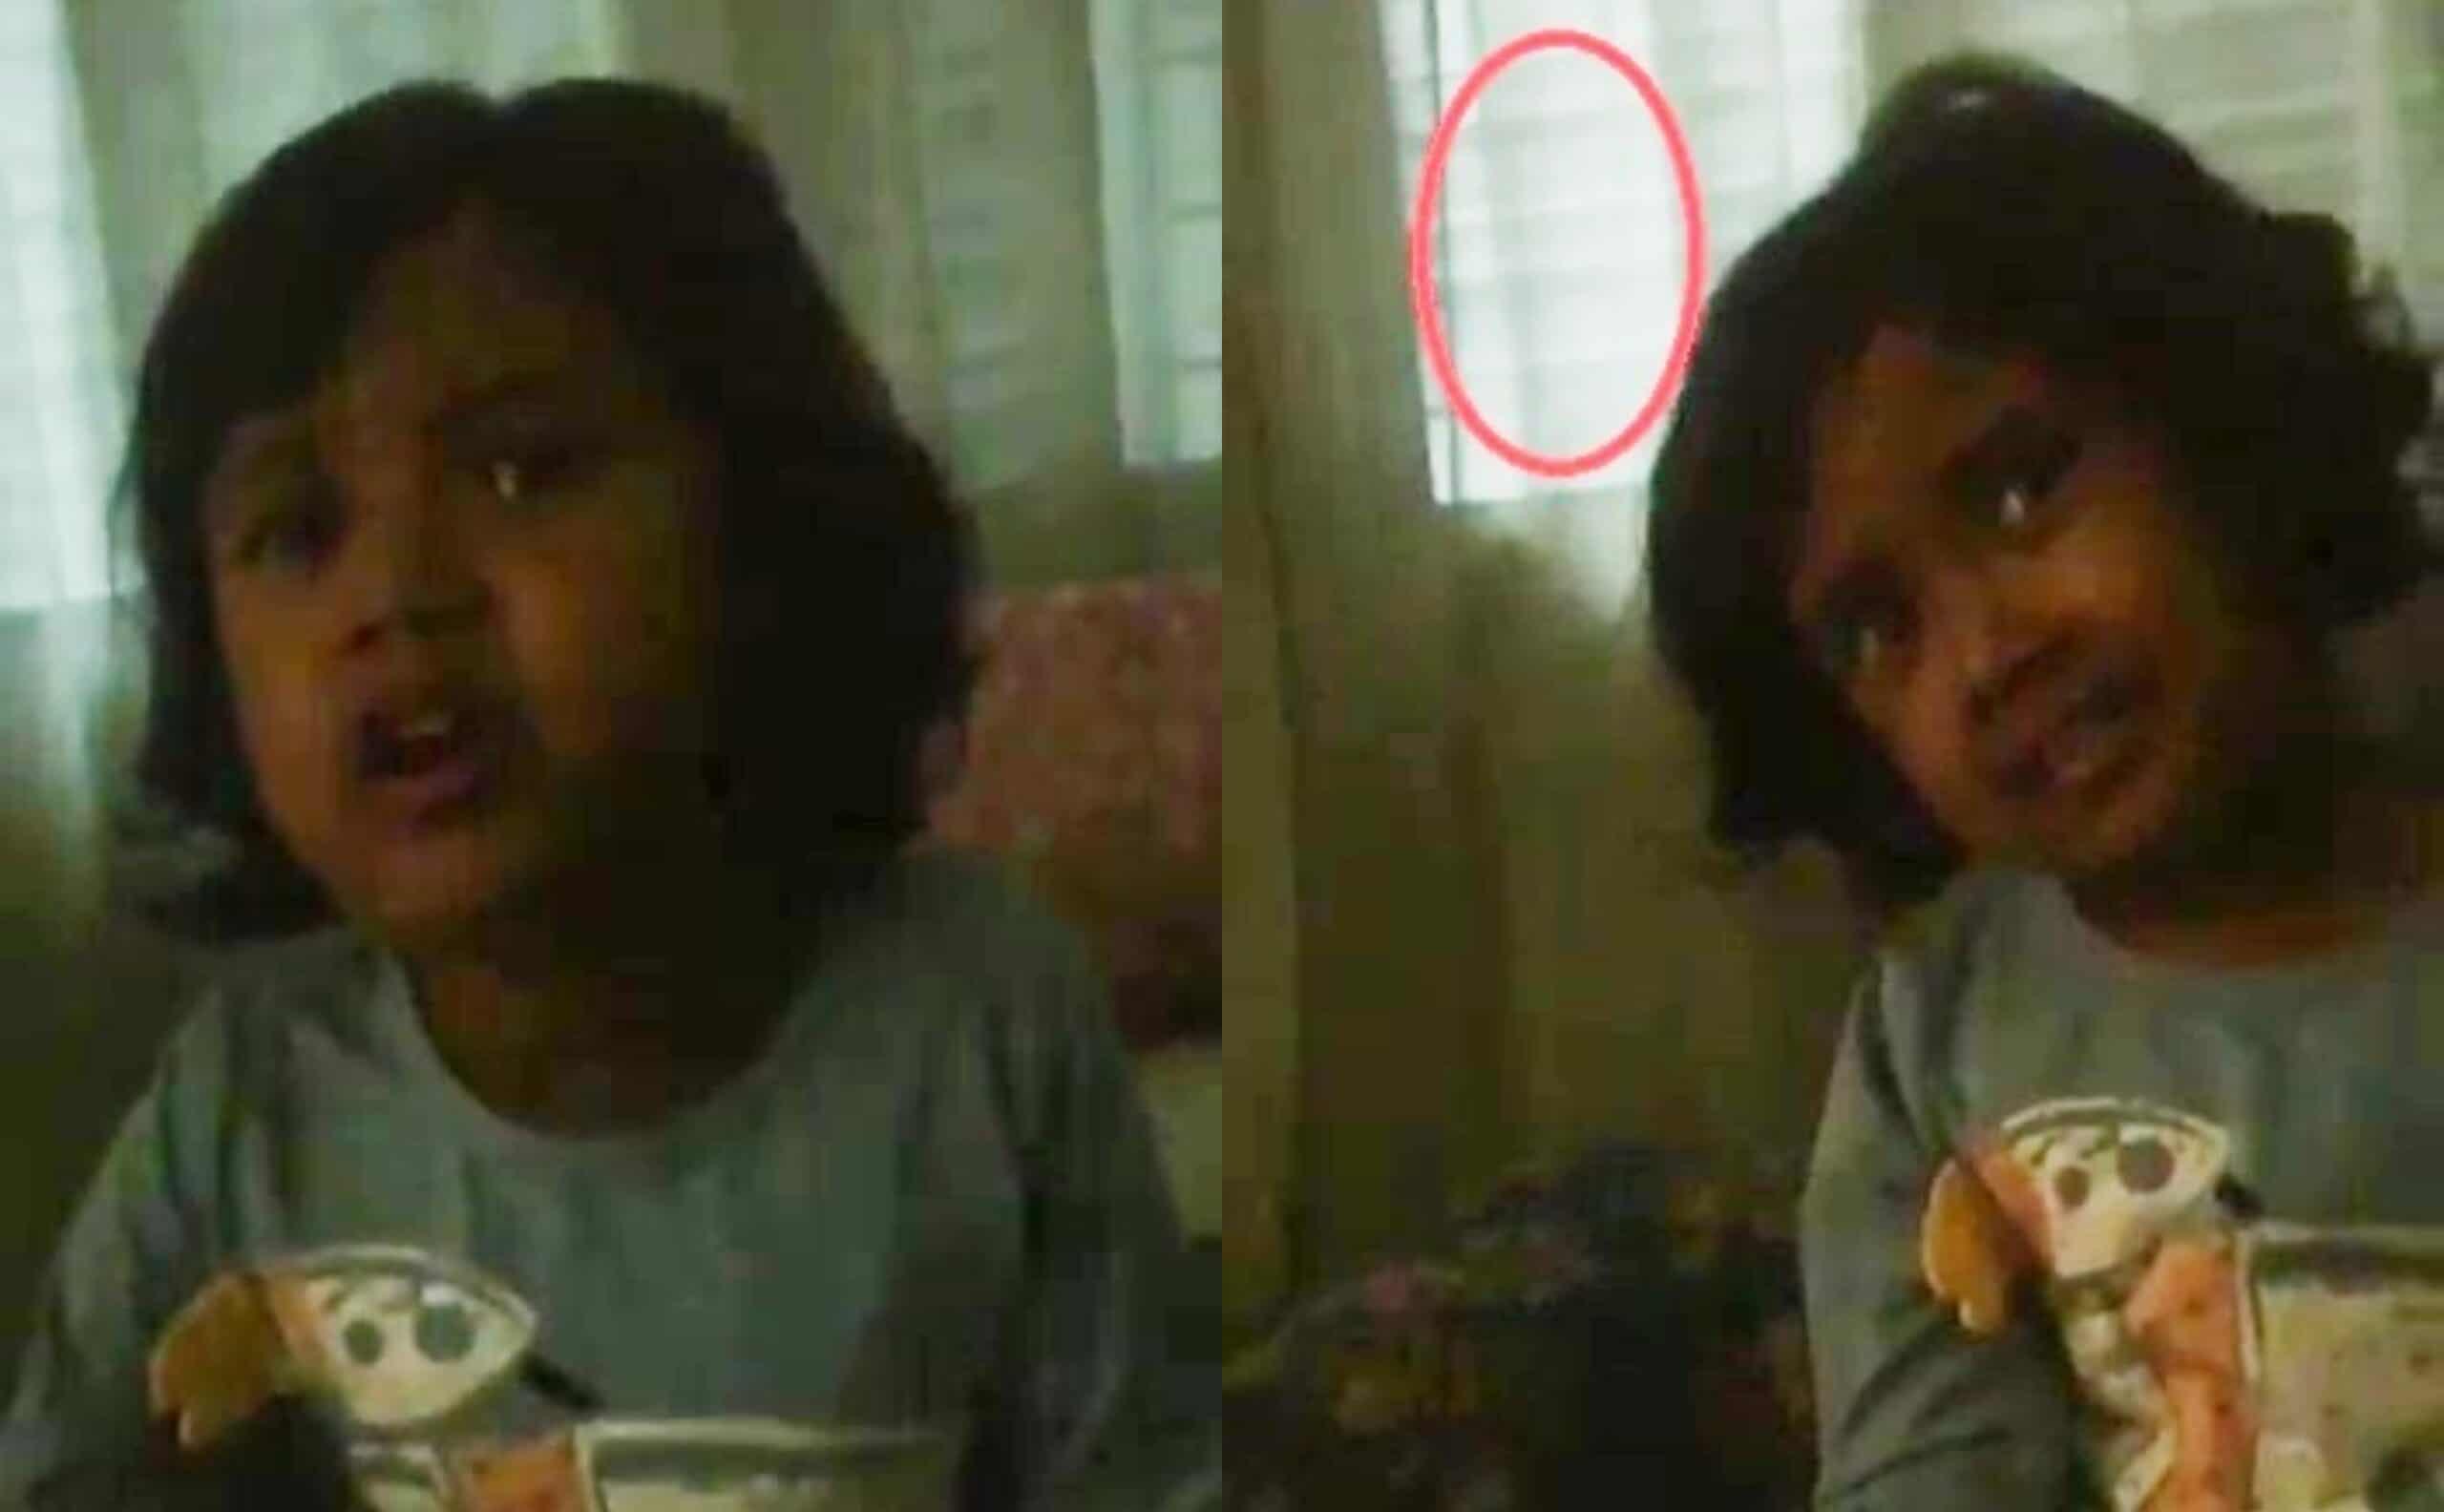 """[VIDEO] """"Pergi Sanalah""""- Ditolak Entiti Bertanduk, Budak Ini Jadi Makin Pendiam"""